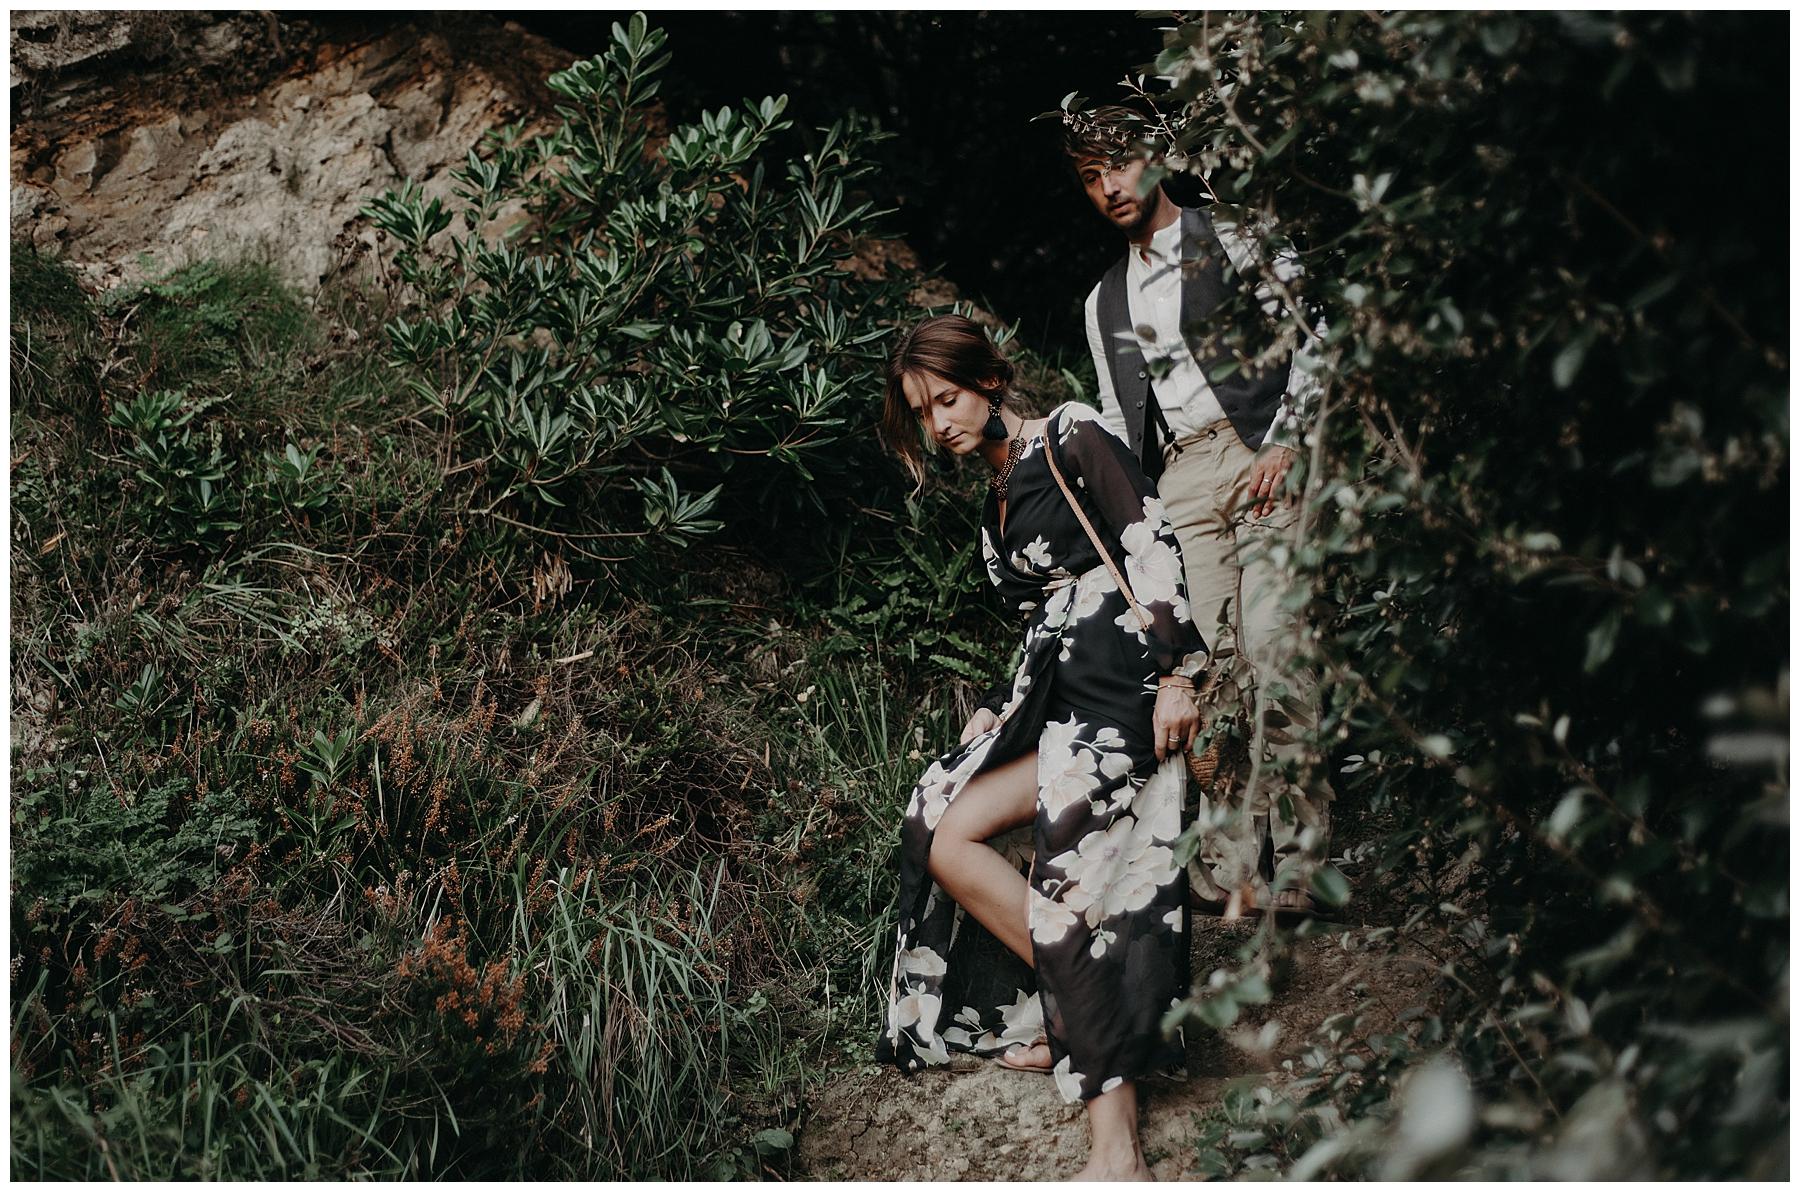 séance couple au pays basque, photographe bordeaux